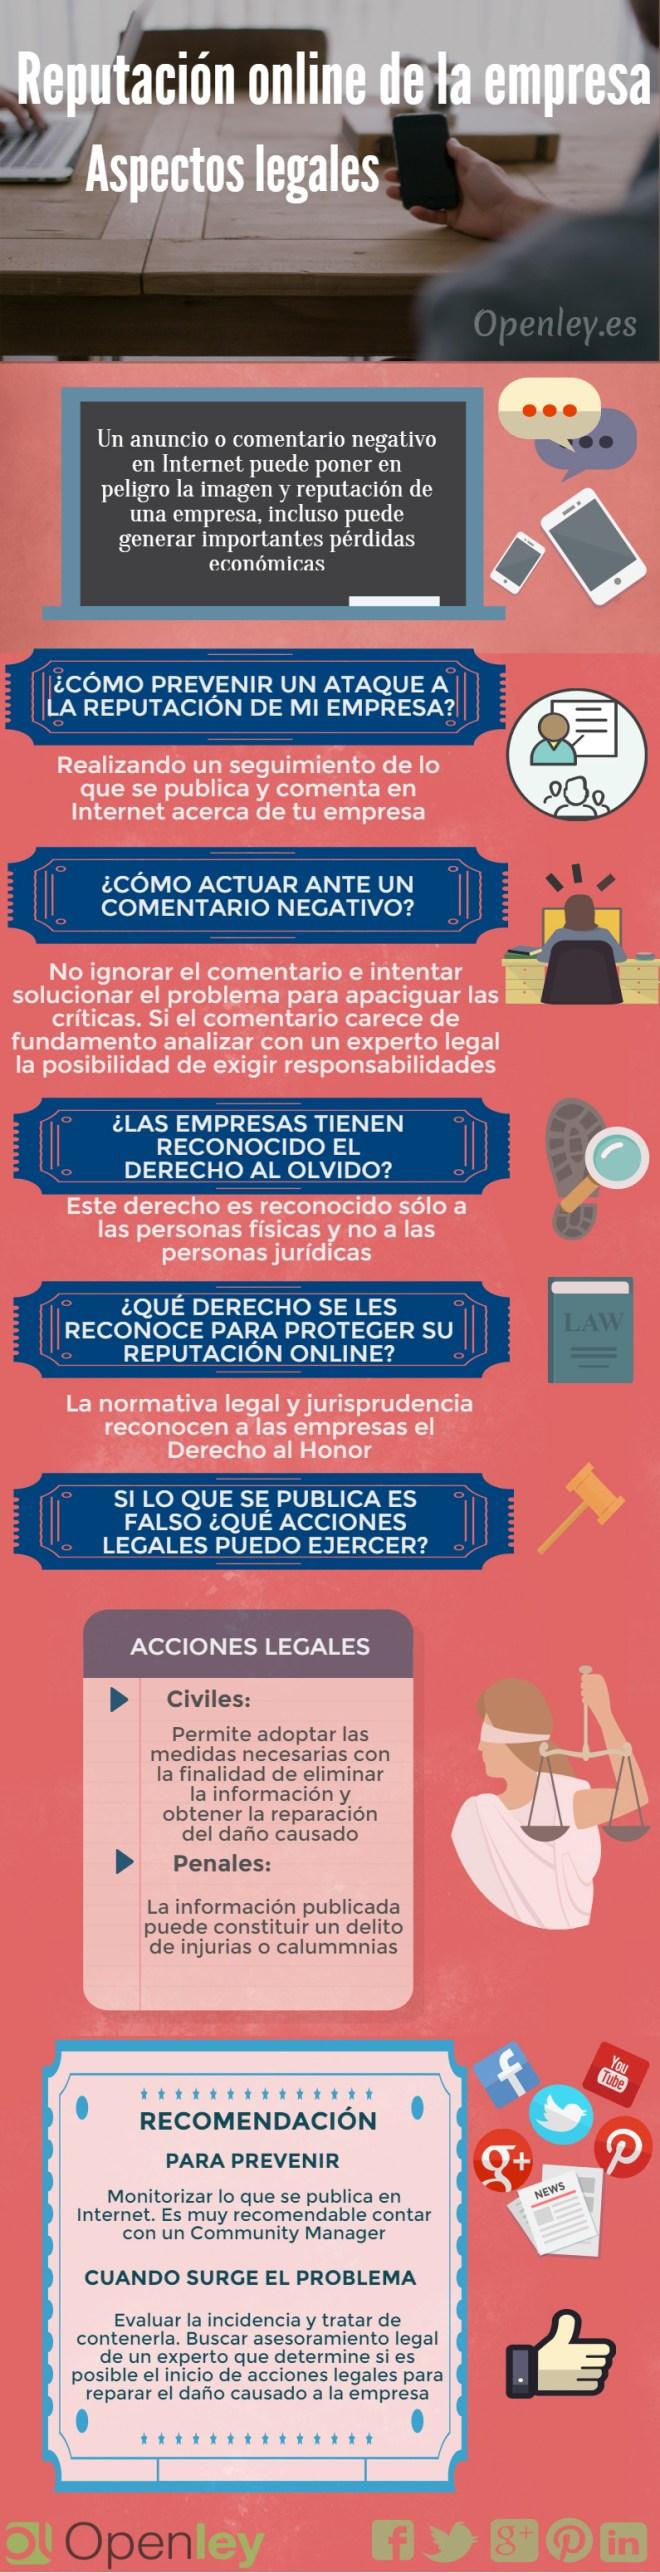 Reputación online: aspectos legales